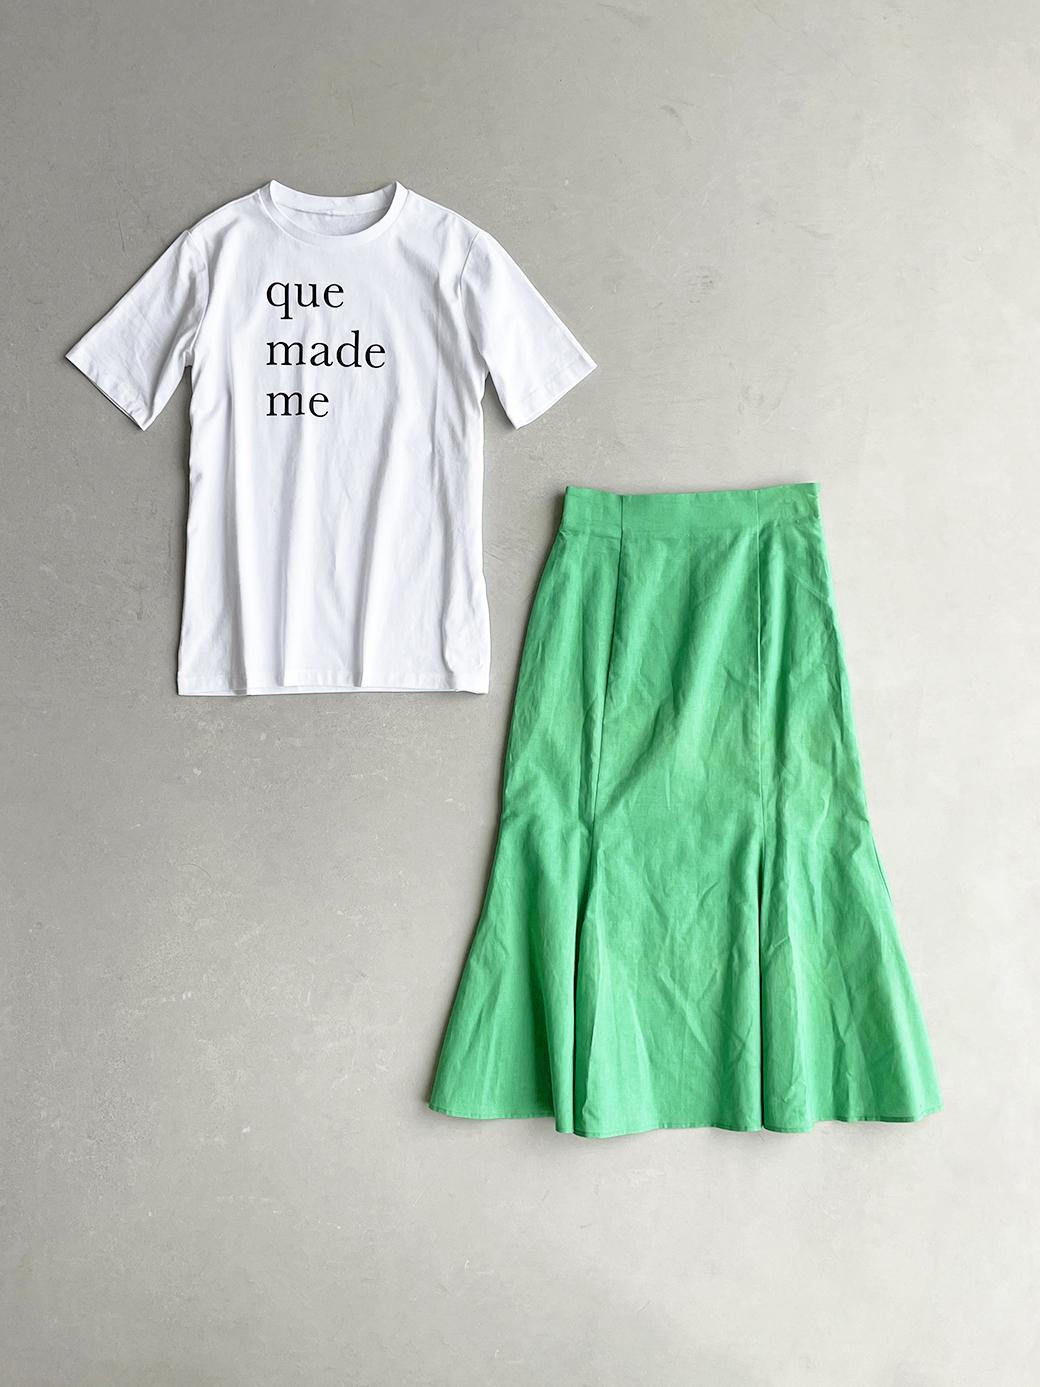 haco! 時間のない朝にもパッと出かけられる!元気が出るきれい色スカートにちょうどいいロゴTシャツを合わせておいた作り置きコーデセット by que made me <その他>の商品写真2